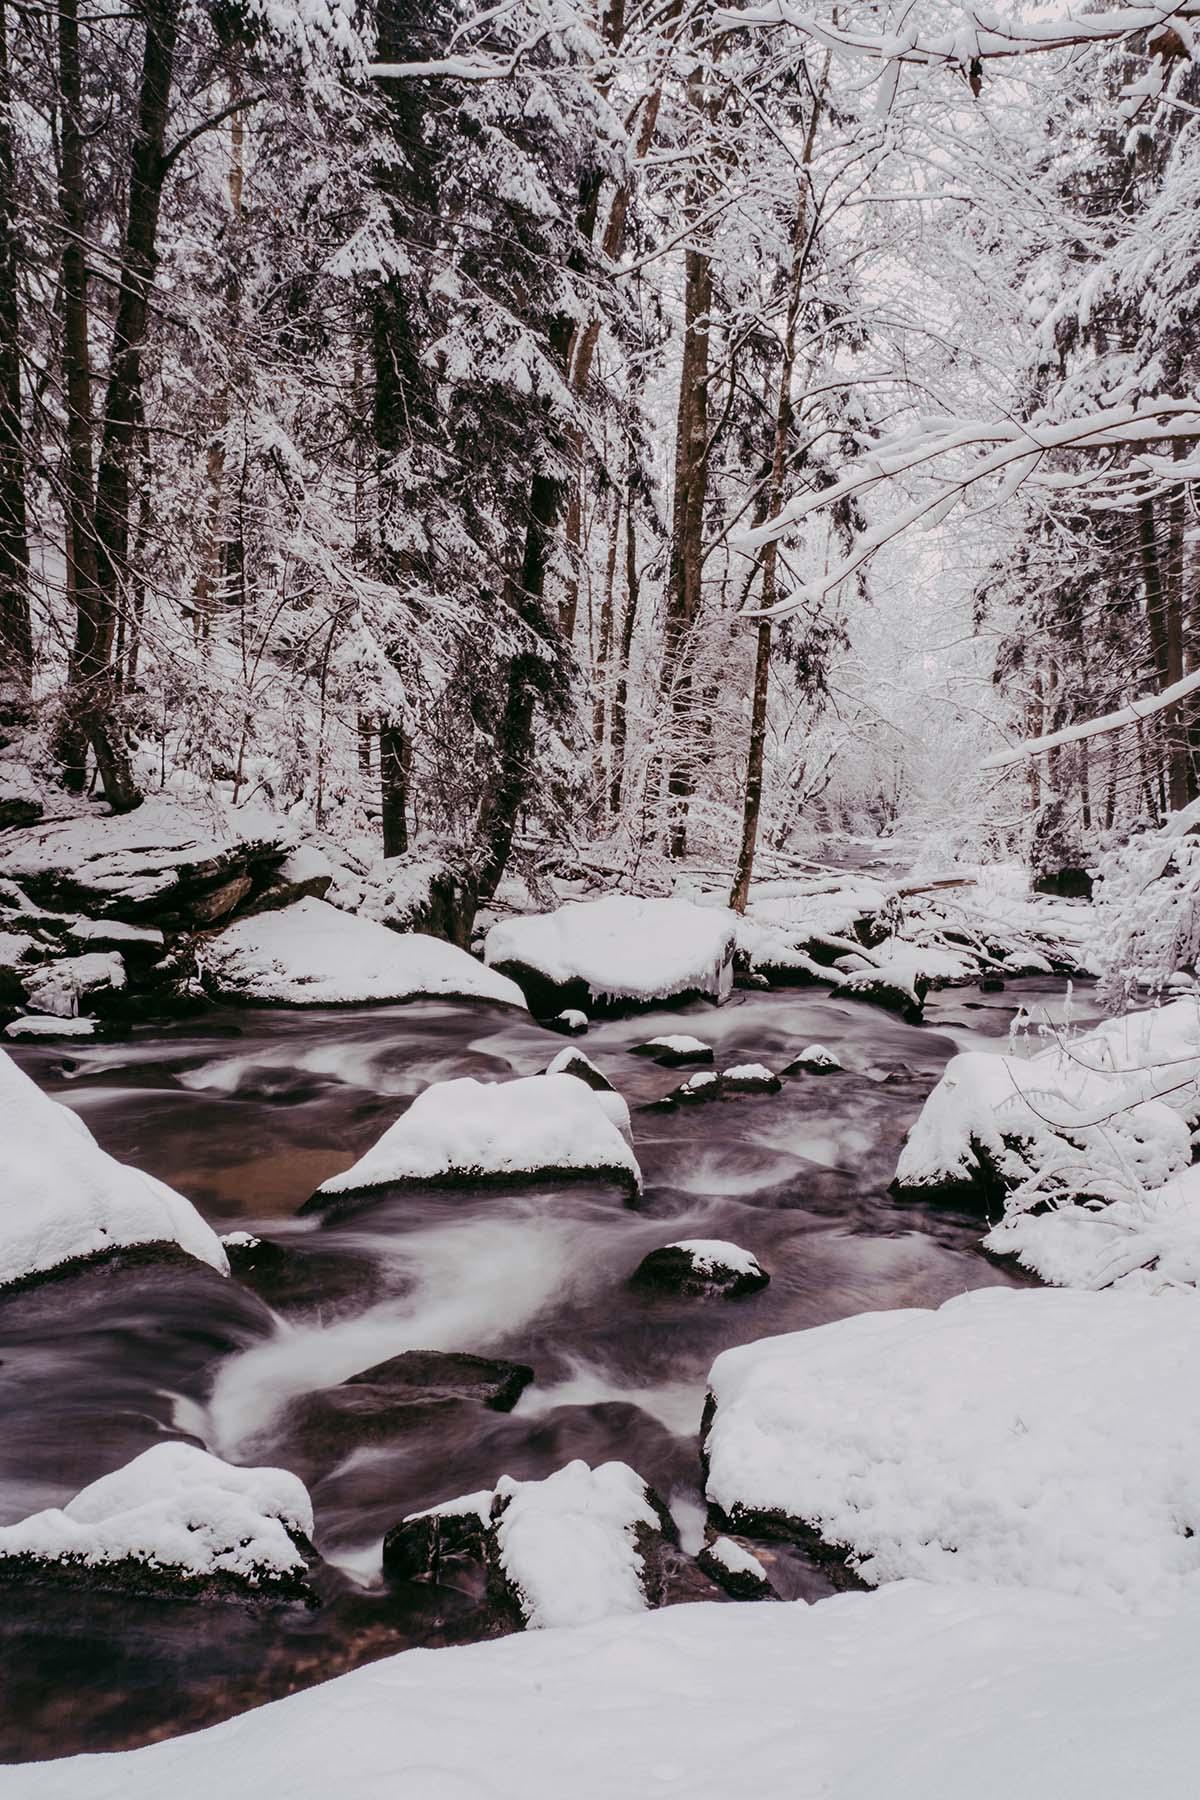 baernloch-winter-schnee